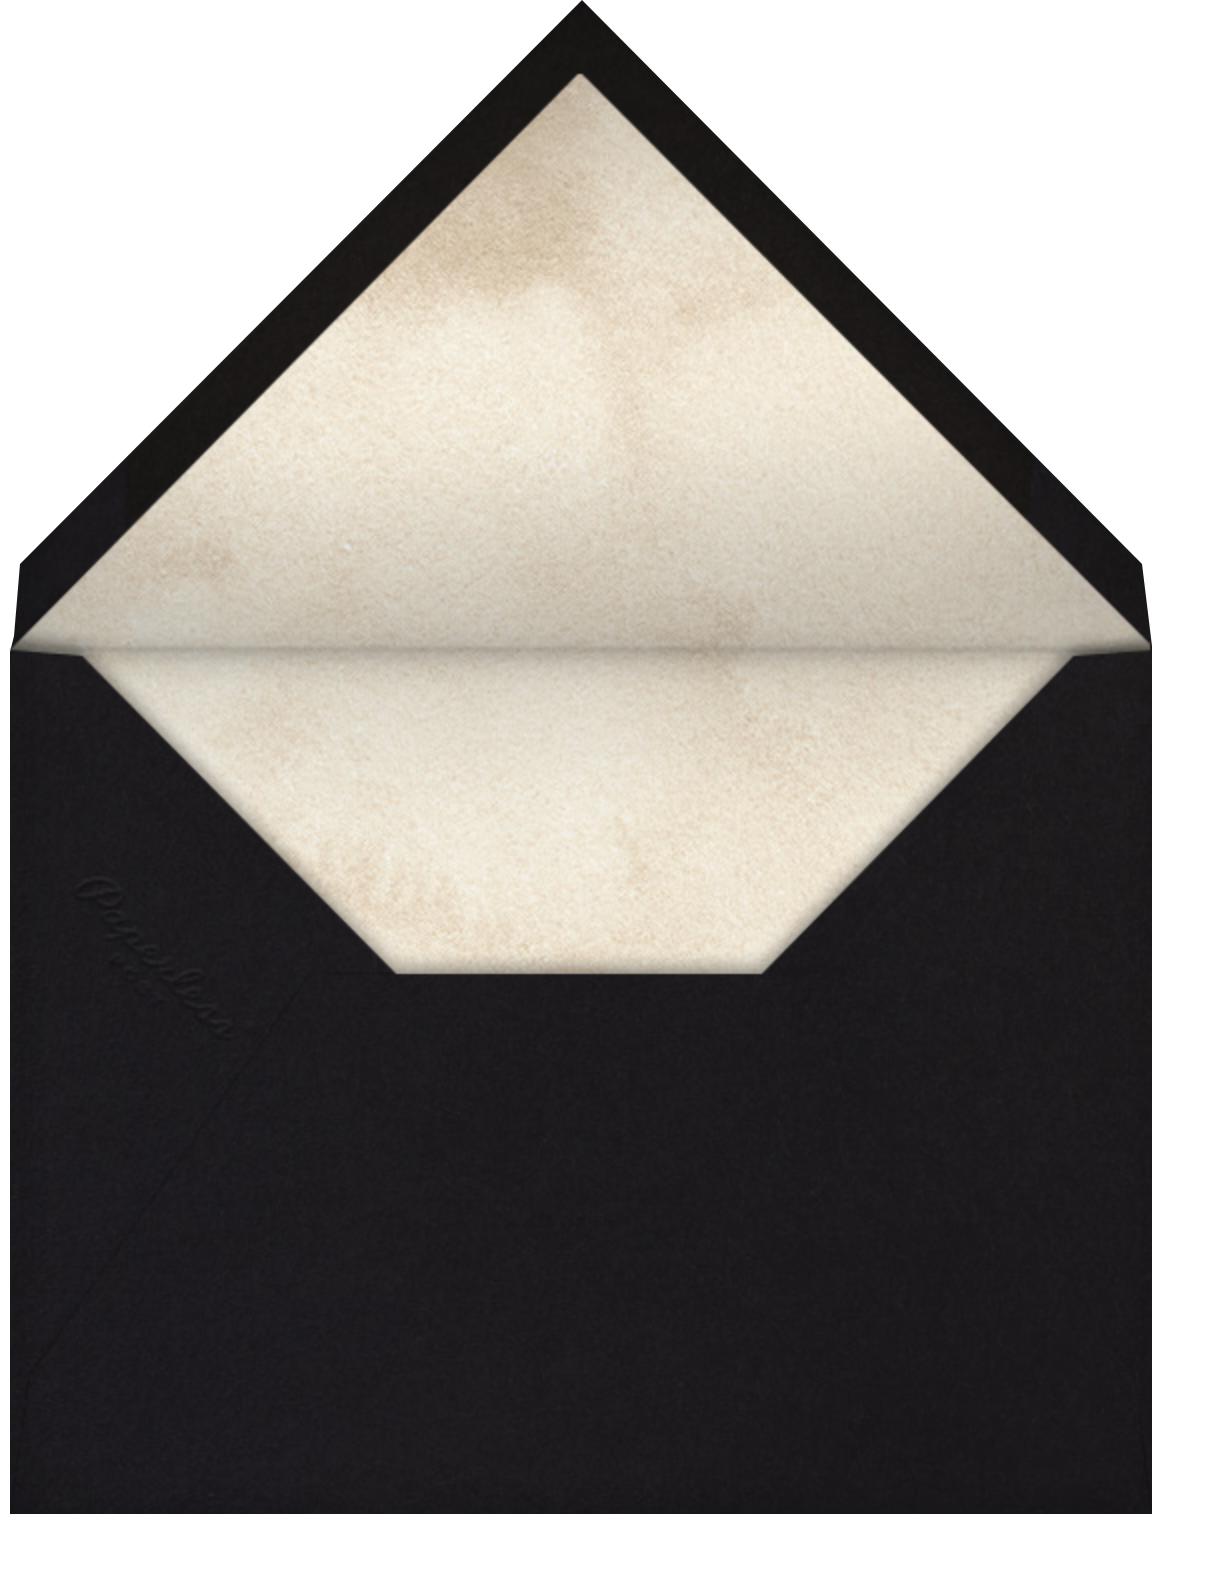 Parade Route - Little Cube - Envelope